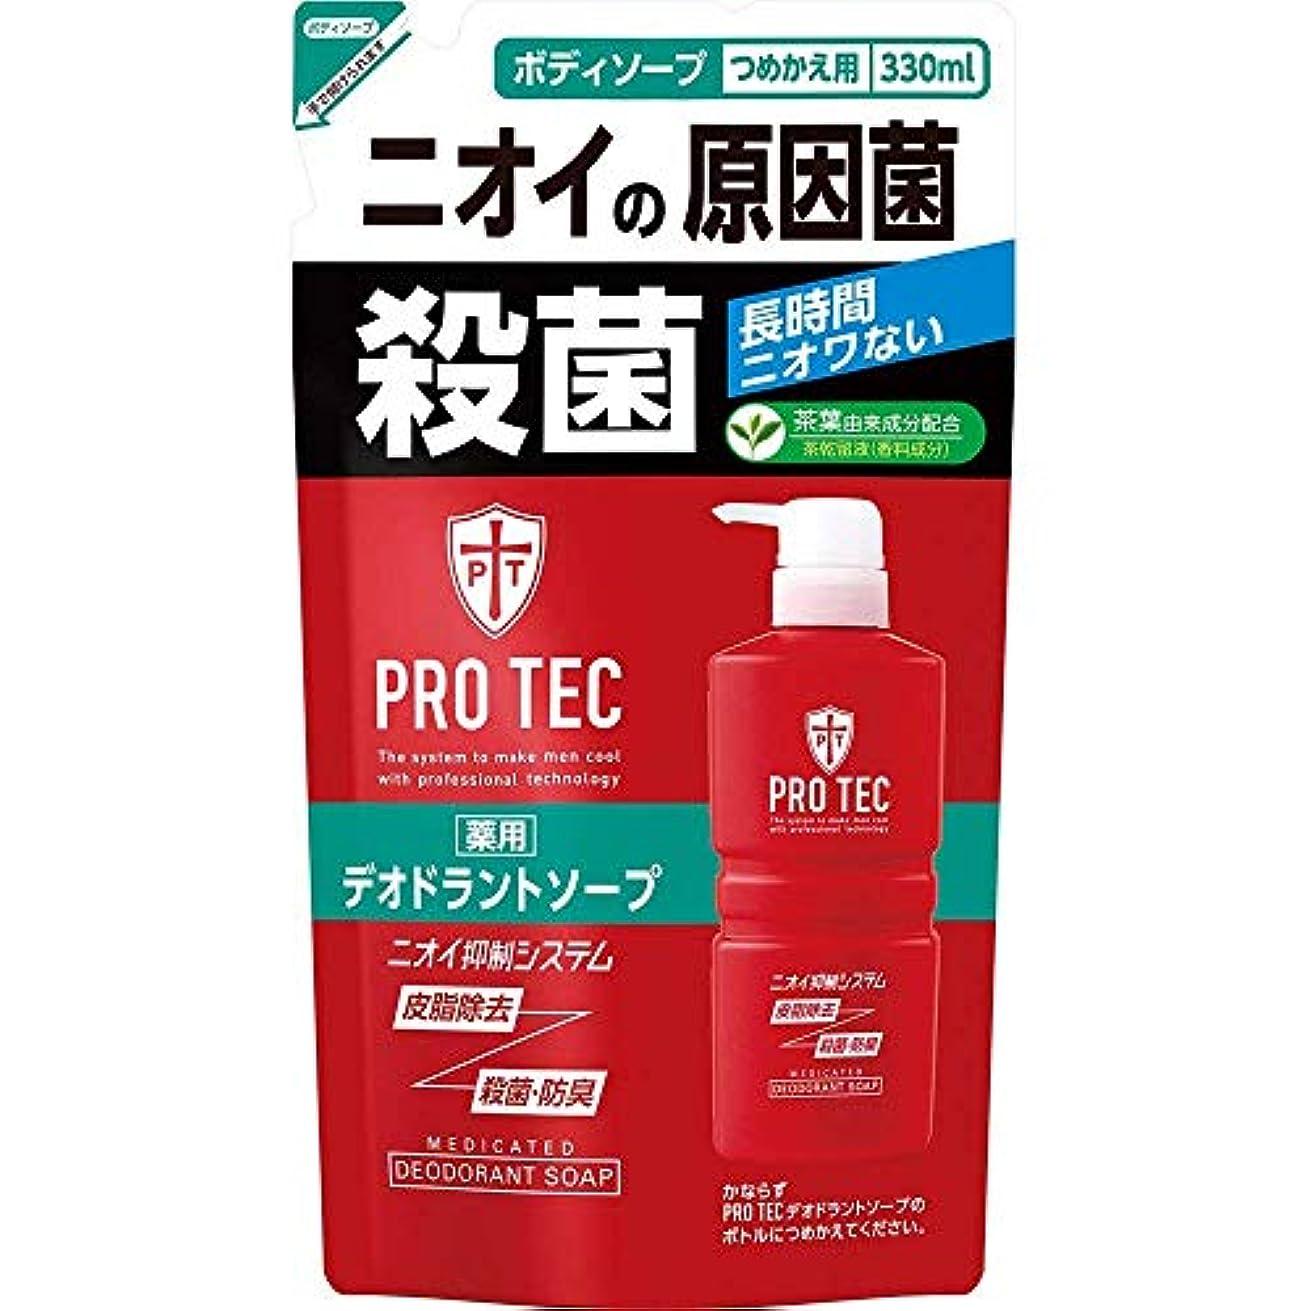 便利なだめる目立つPRO TEC デオドラントソープ つめかえ用 330ml ×2セット